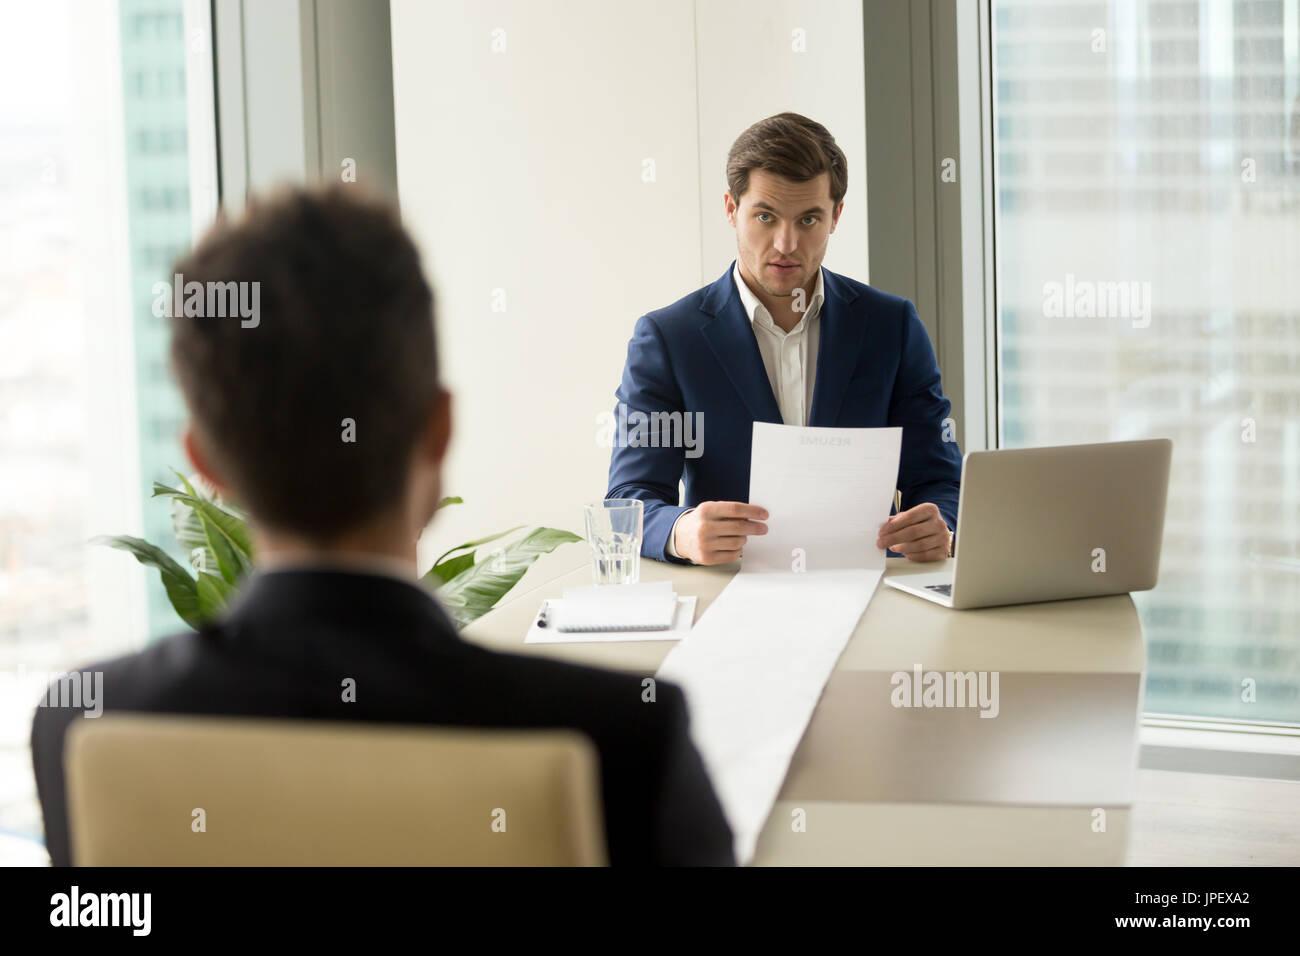 Surprised employer holding long resume, amazed with impressive c - Stock Image